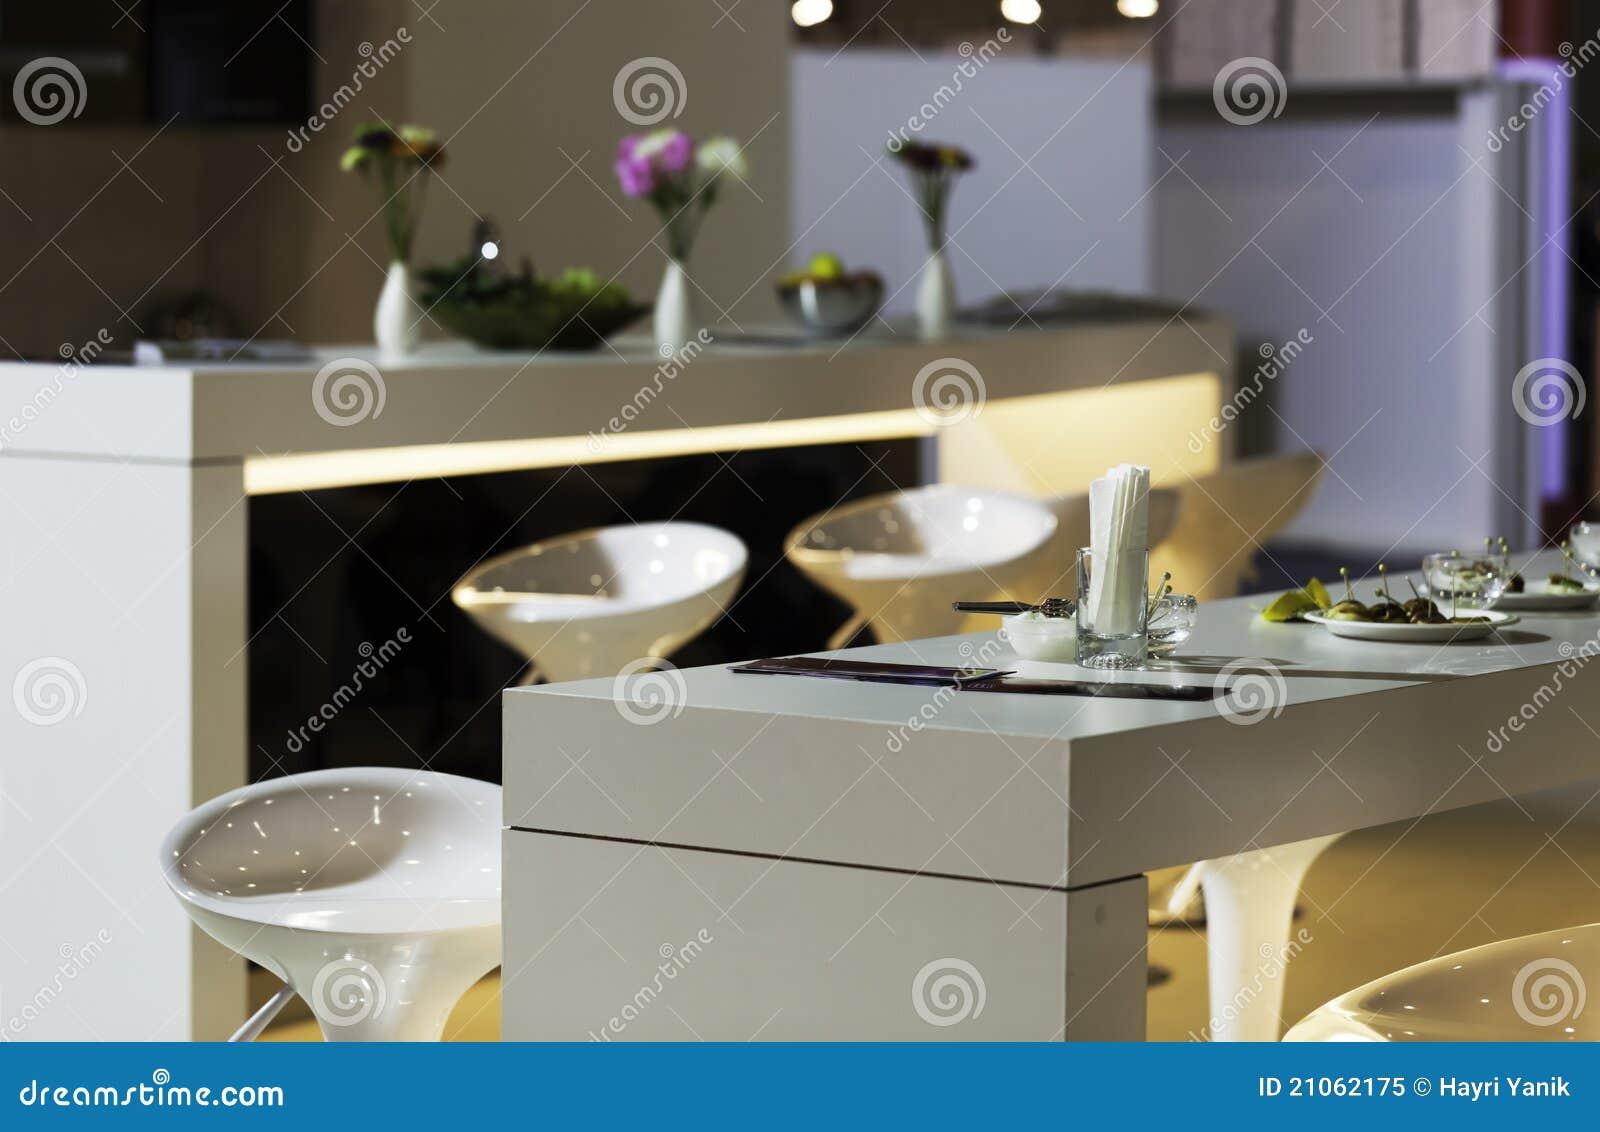 Sgabelli cucina design moderno sgabello da bar moderno in pelle